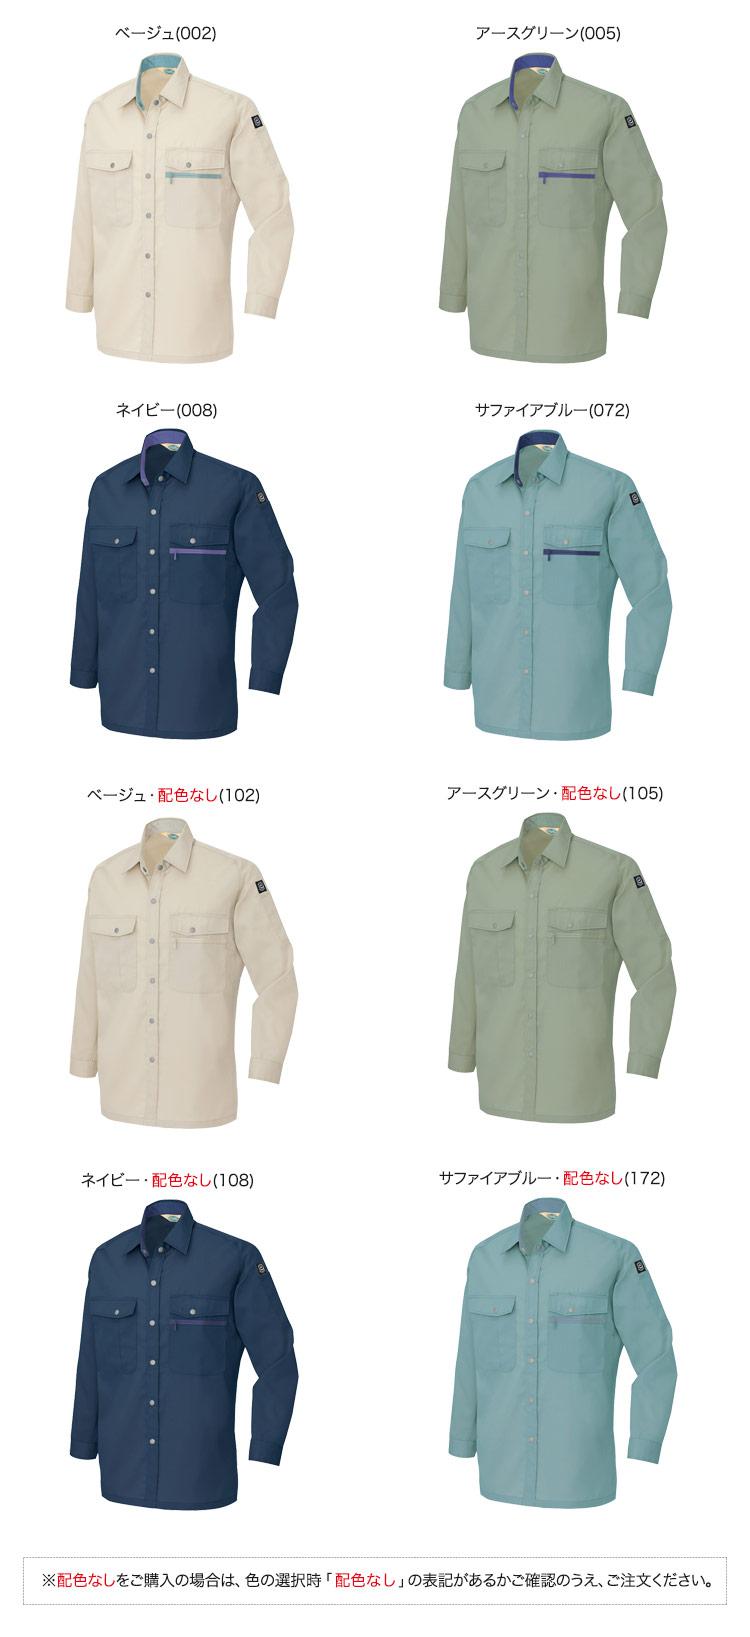 エコT/Cライトツイル 長袖シャツ 5375 カラーバリエーション